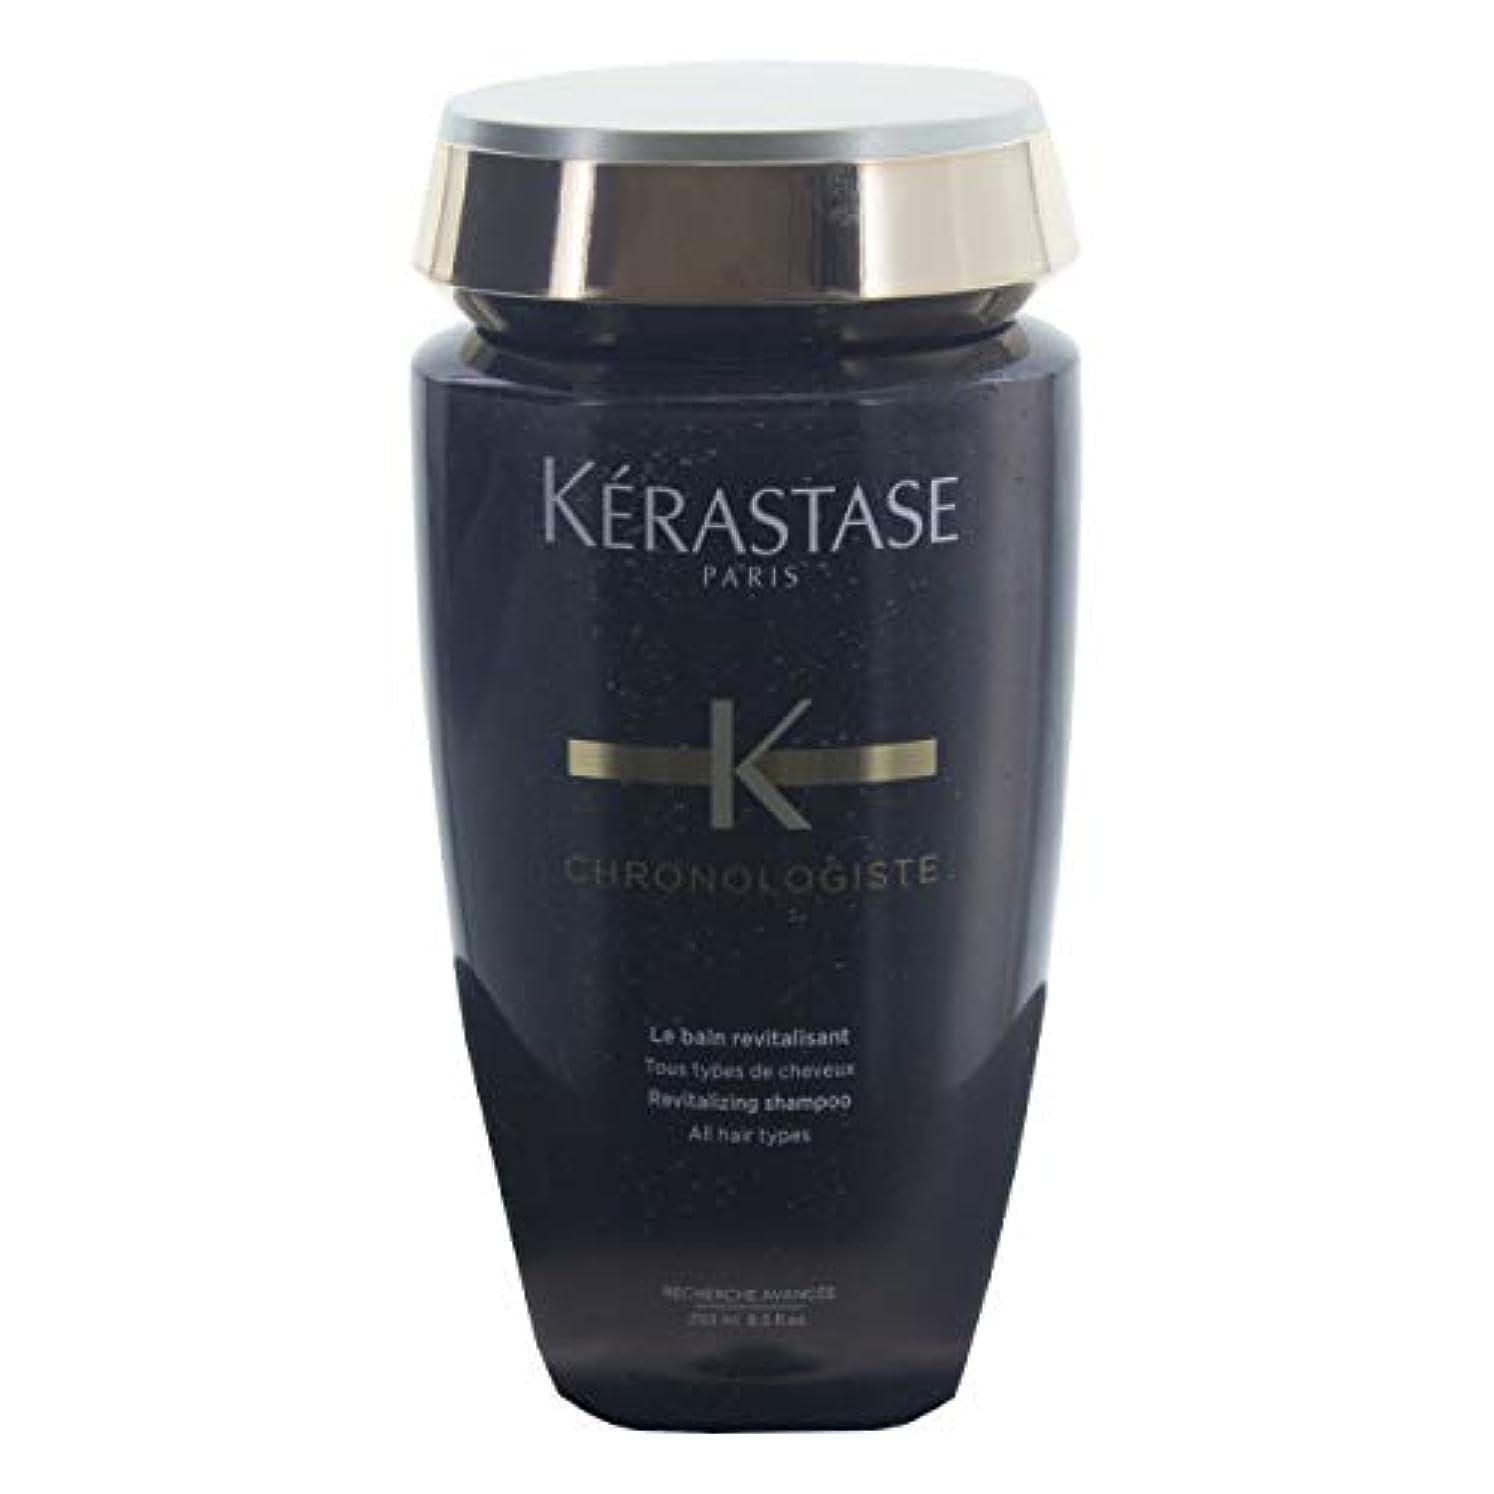 乳白トロリーバス深くKERASTASE(ケラスターゼ) CH バン クロノロジスト 250ml